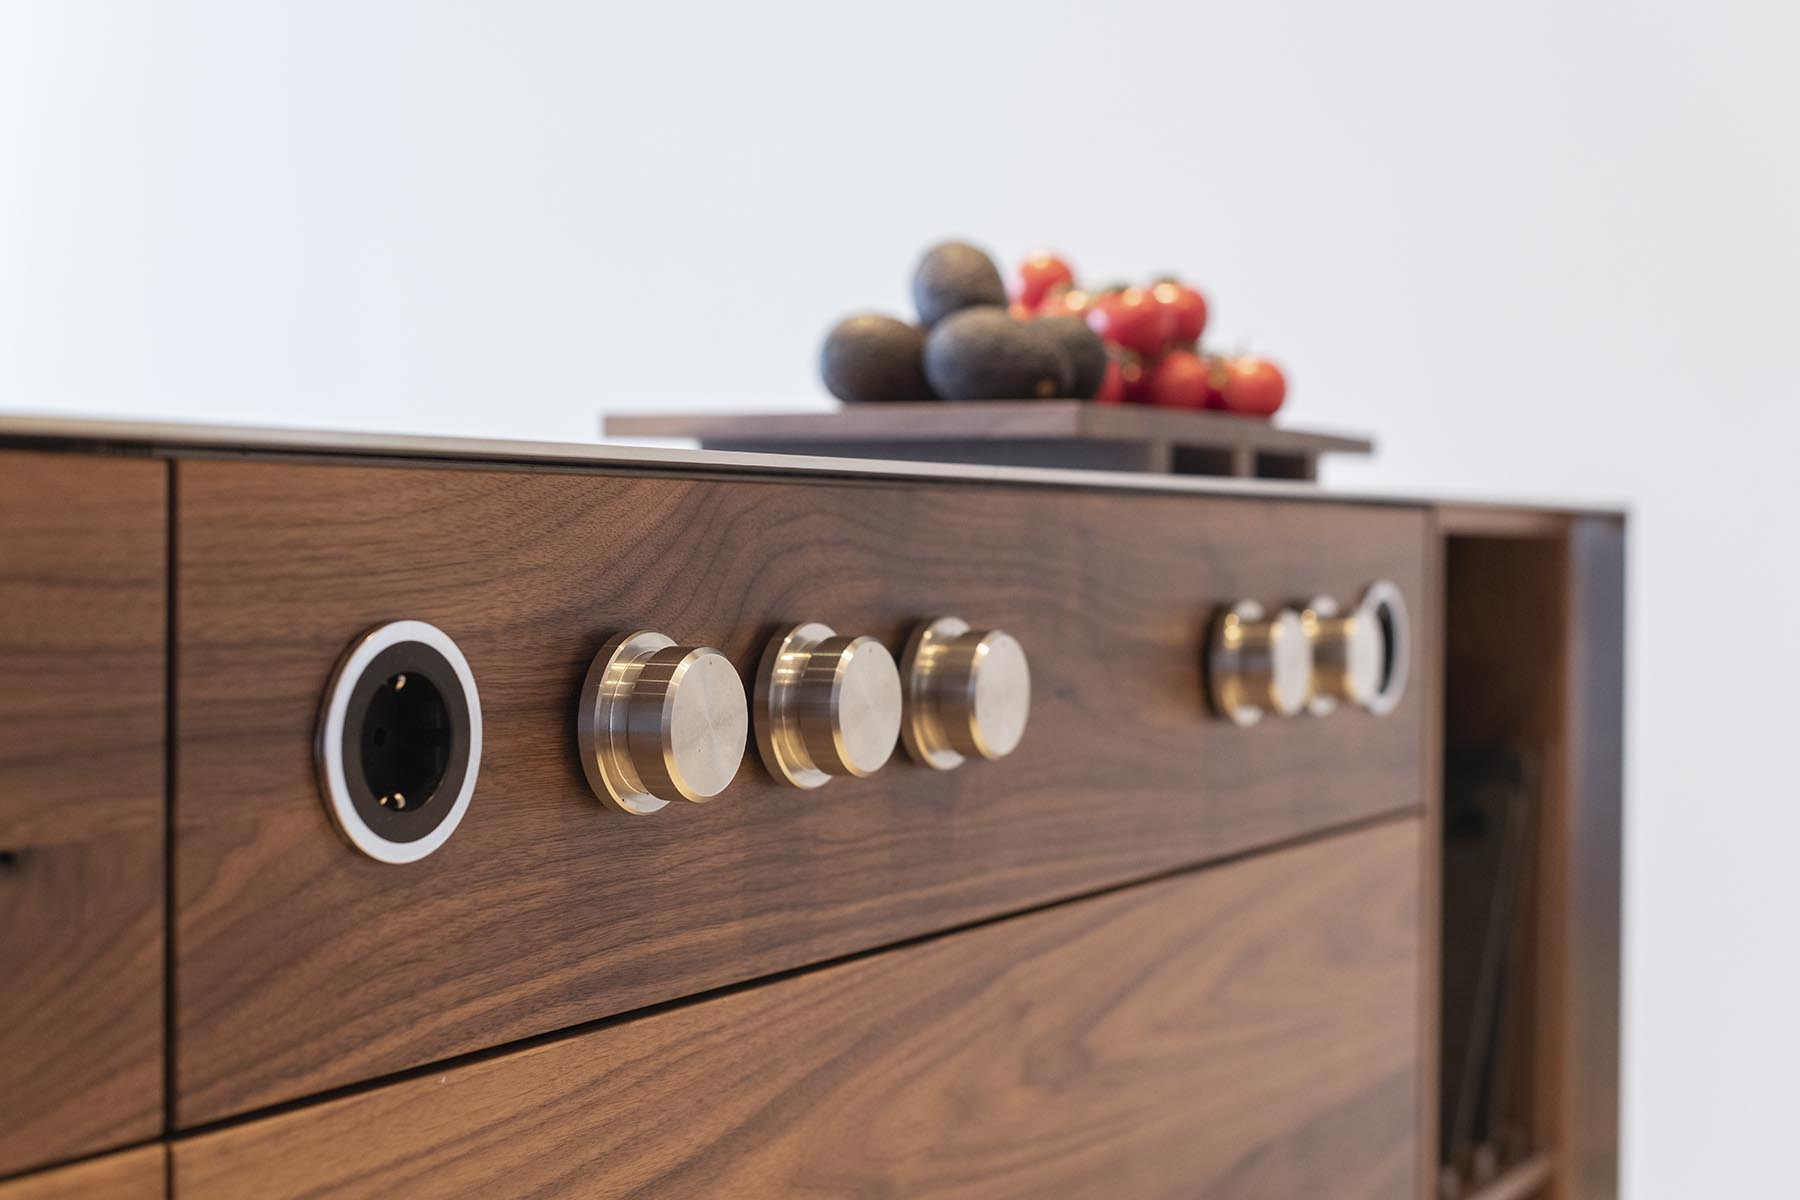 noten houten keuken